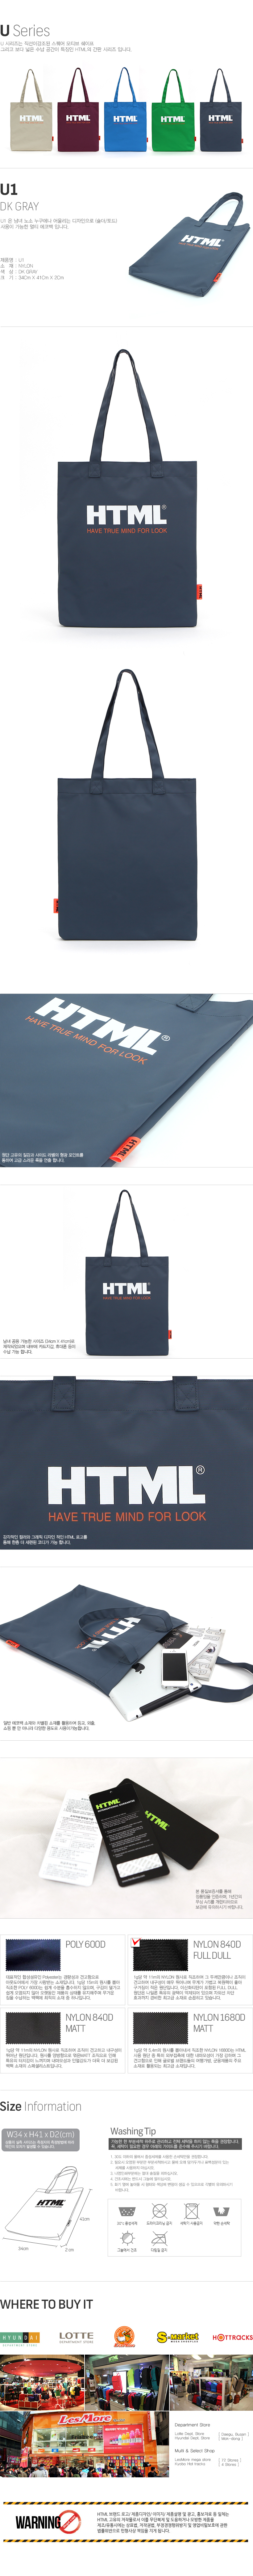 [에이치티엠엘]HTML- U1 Ecobag (Dk.Gray)